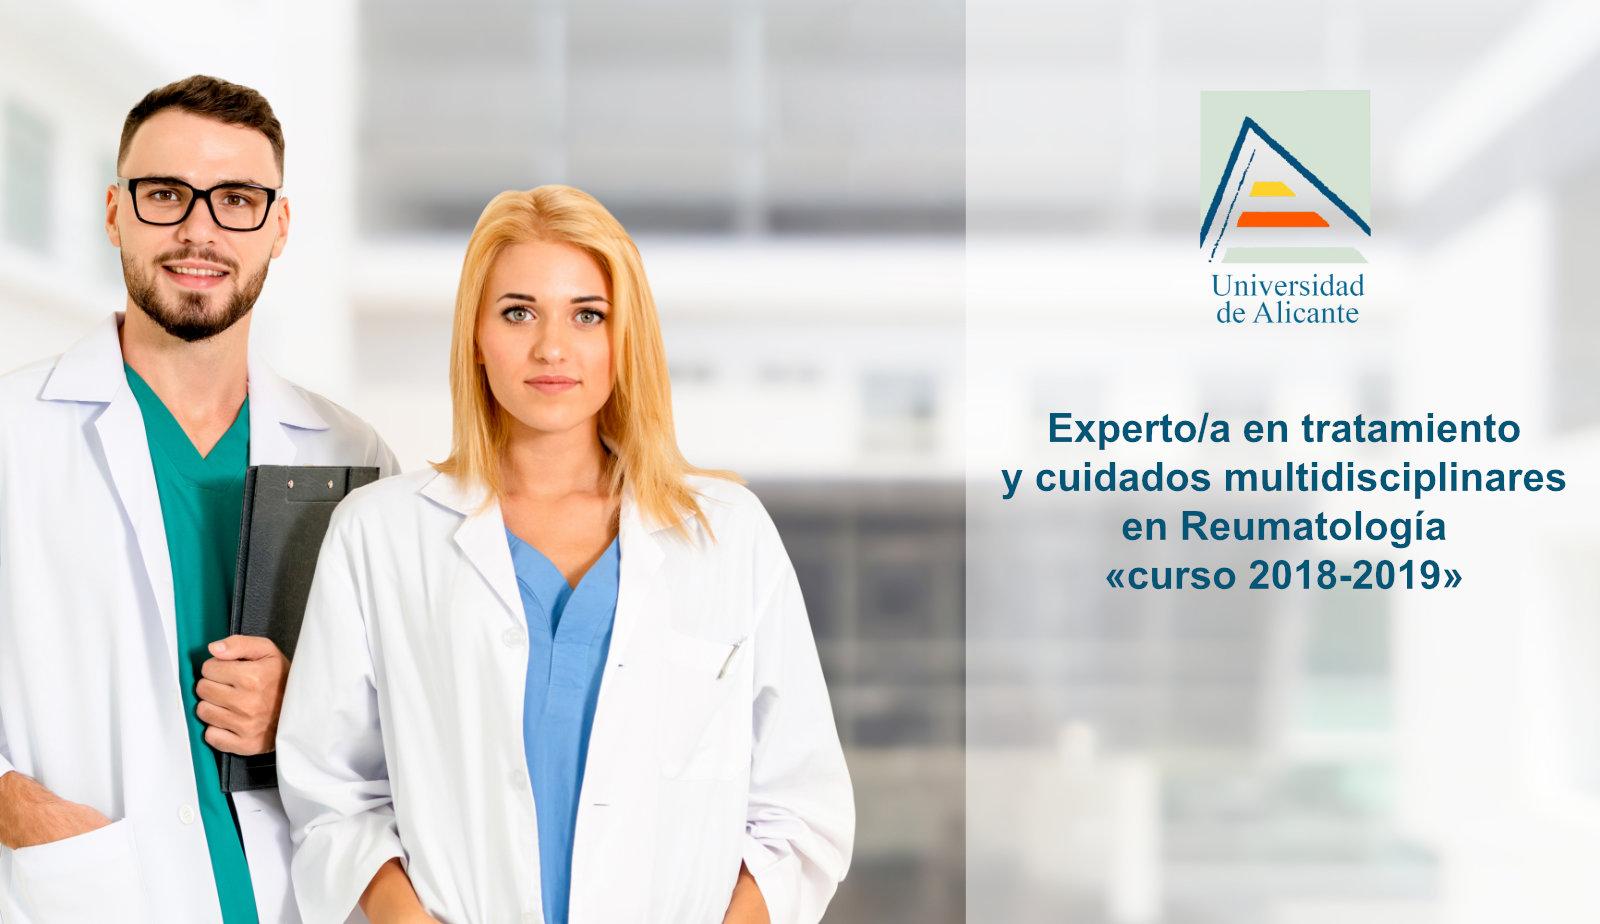 Experto/a en tratamiento y cuidados multidisciplinares en Reumatología (curso 2018-2019)